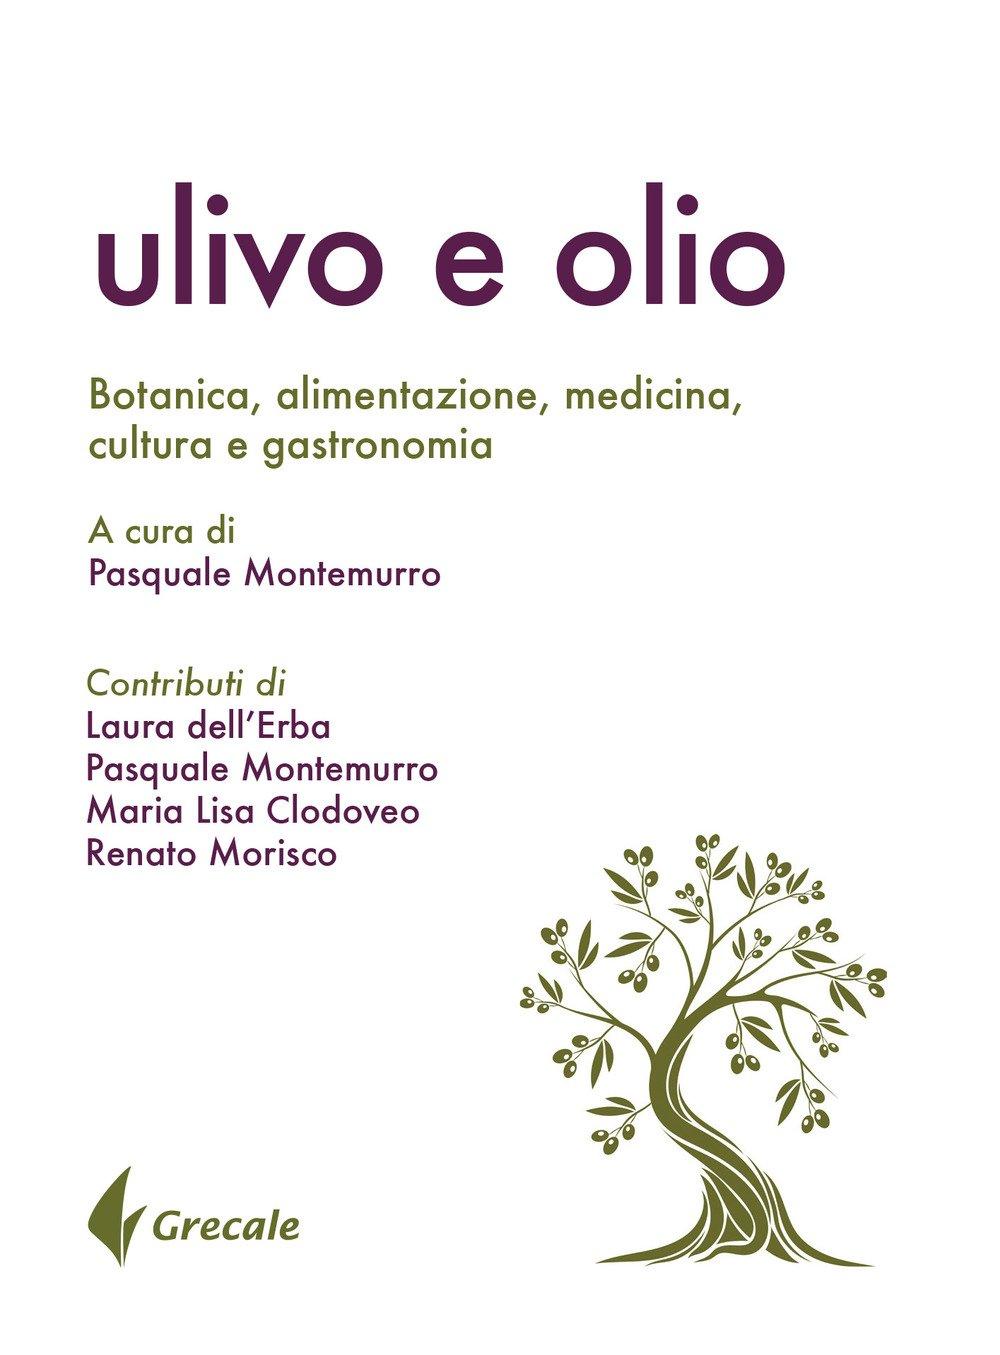 Ulivo e olio. Botanica, alimentazione, medicina, cultura e gastronomia